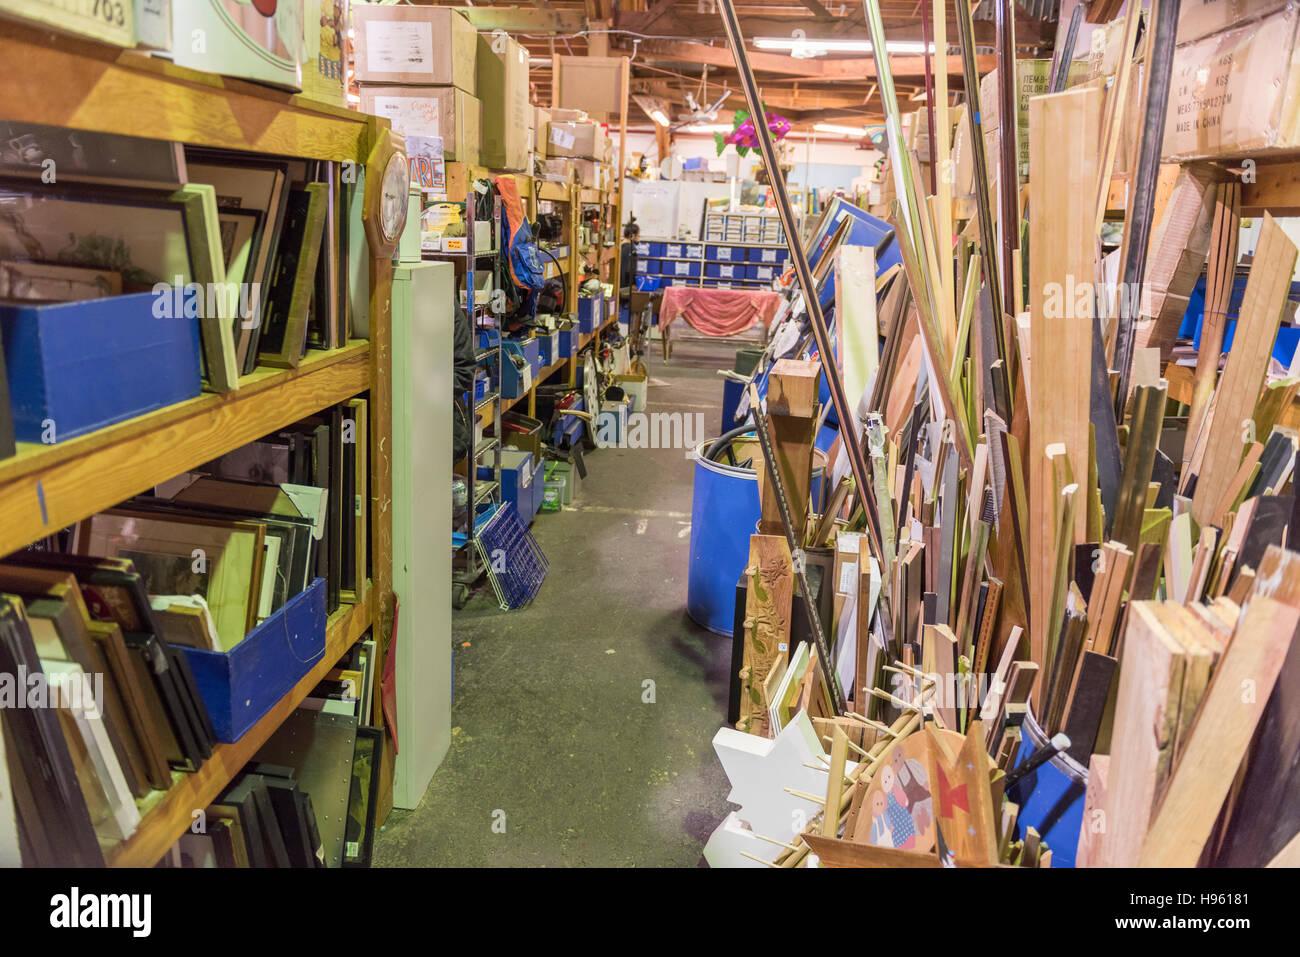 Vista interna di rottami, un creative re-cycling magazzino pubblico per materiali utili per il riutilizzo in progetti Immagini Stock